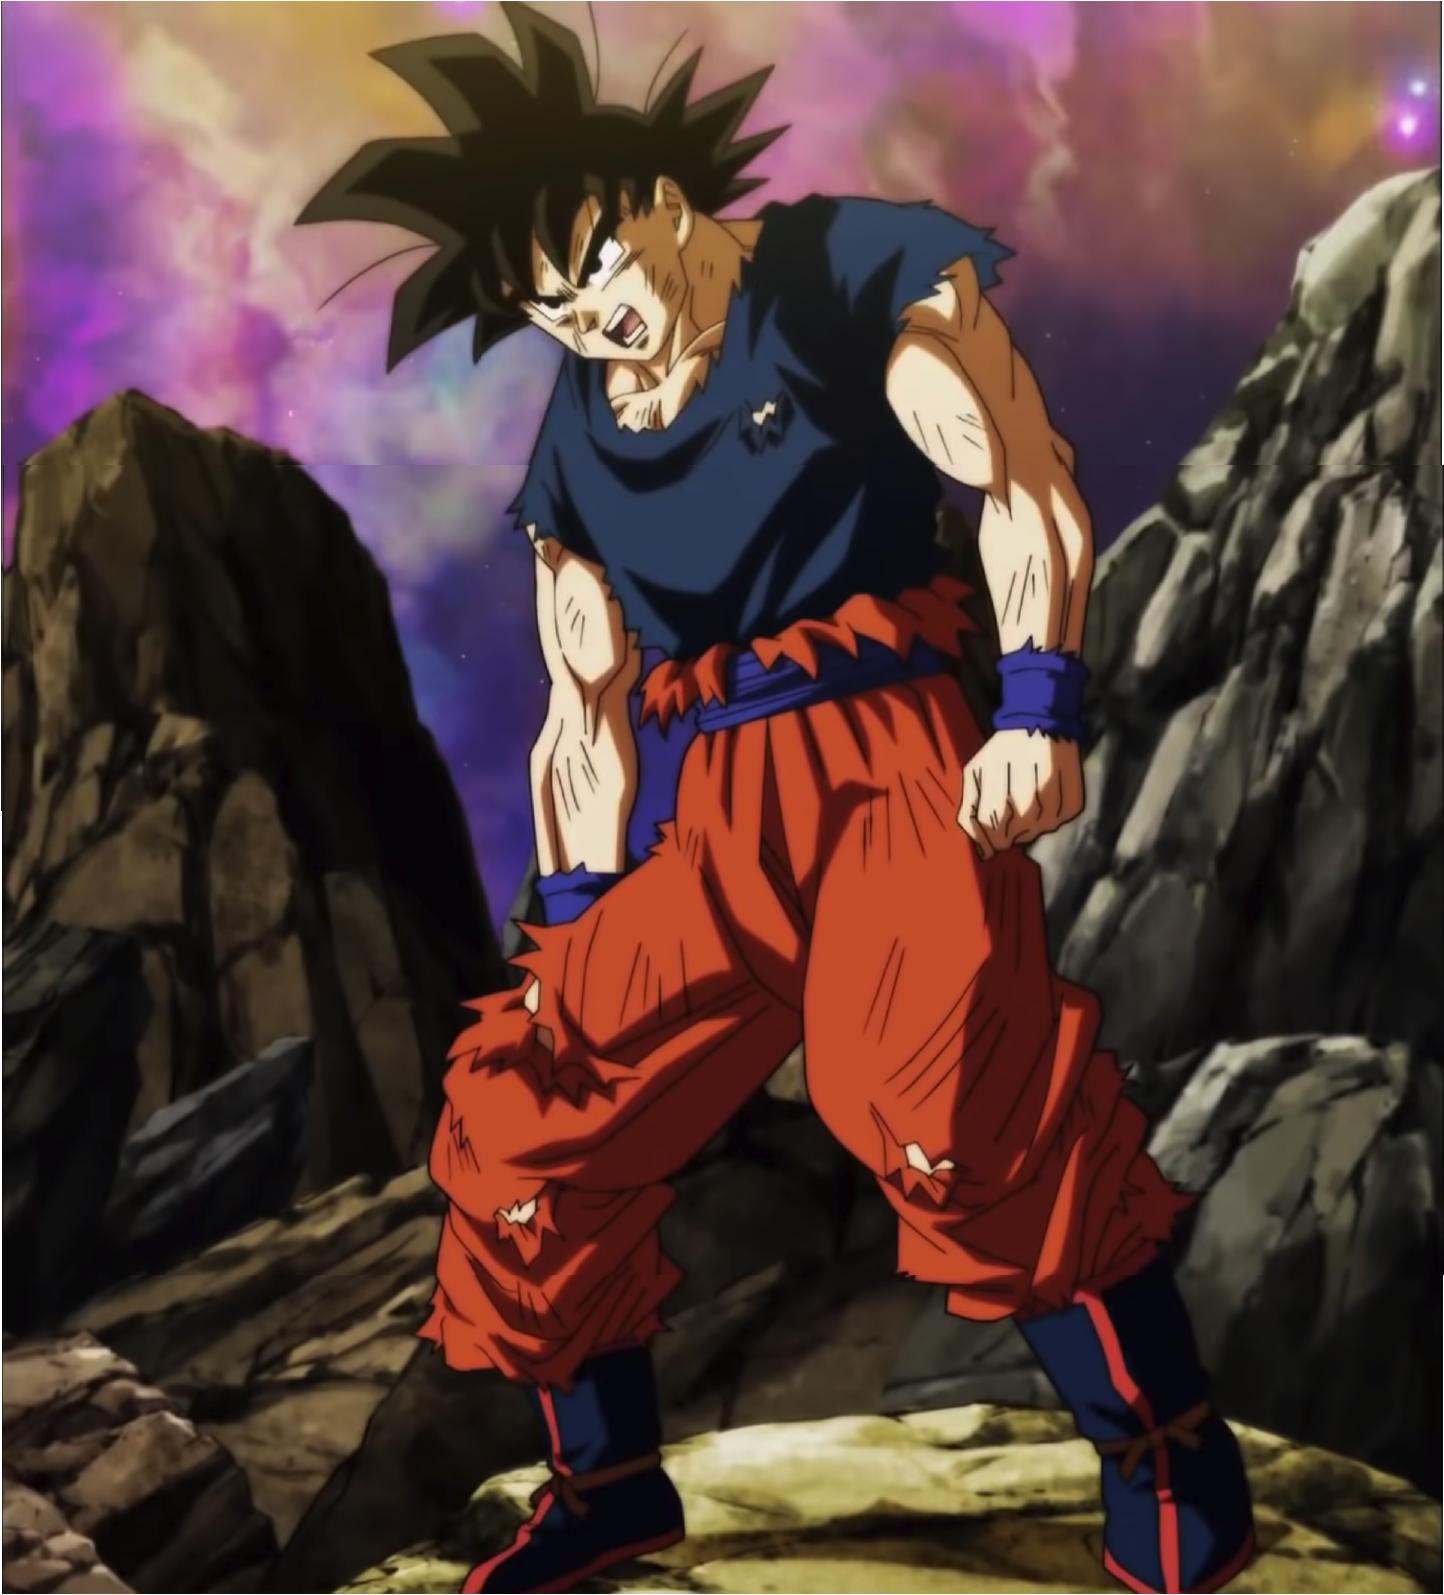 Dragon Ball Super Episode 128 Goku Personajes De Dragon Ball Dragones Dibujo De Goku